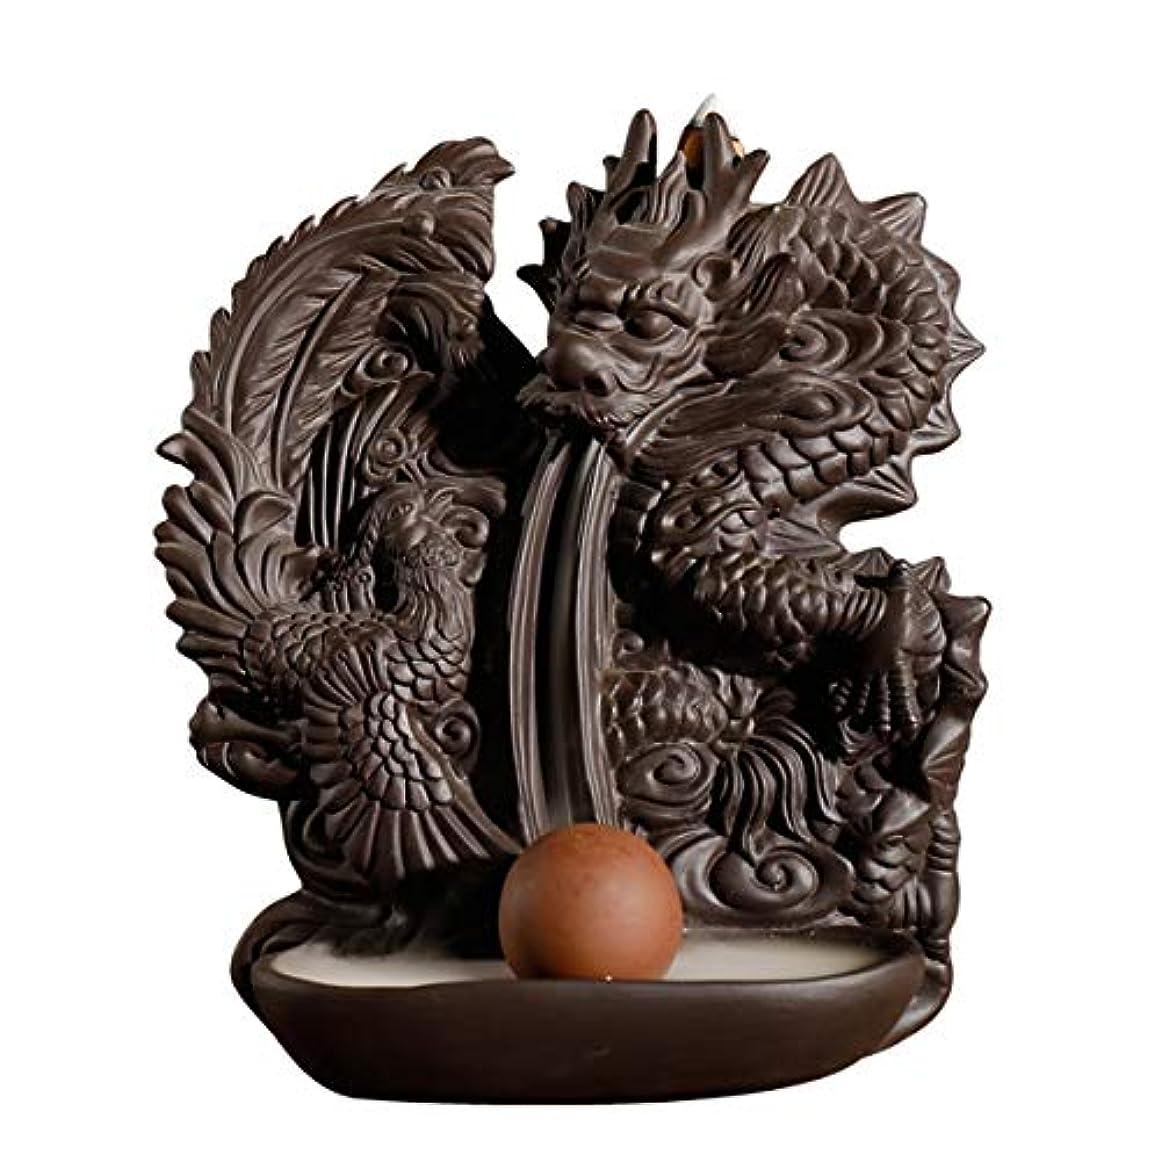 レオナルドダ遅いリースドラゴン逆流香バーナー手作りセラミックドラゴン香ホルダービーズ香コーン理想的なギフト家の装飾